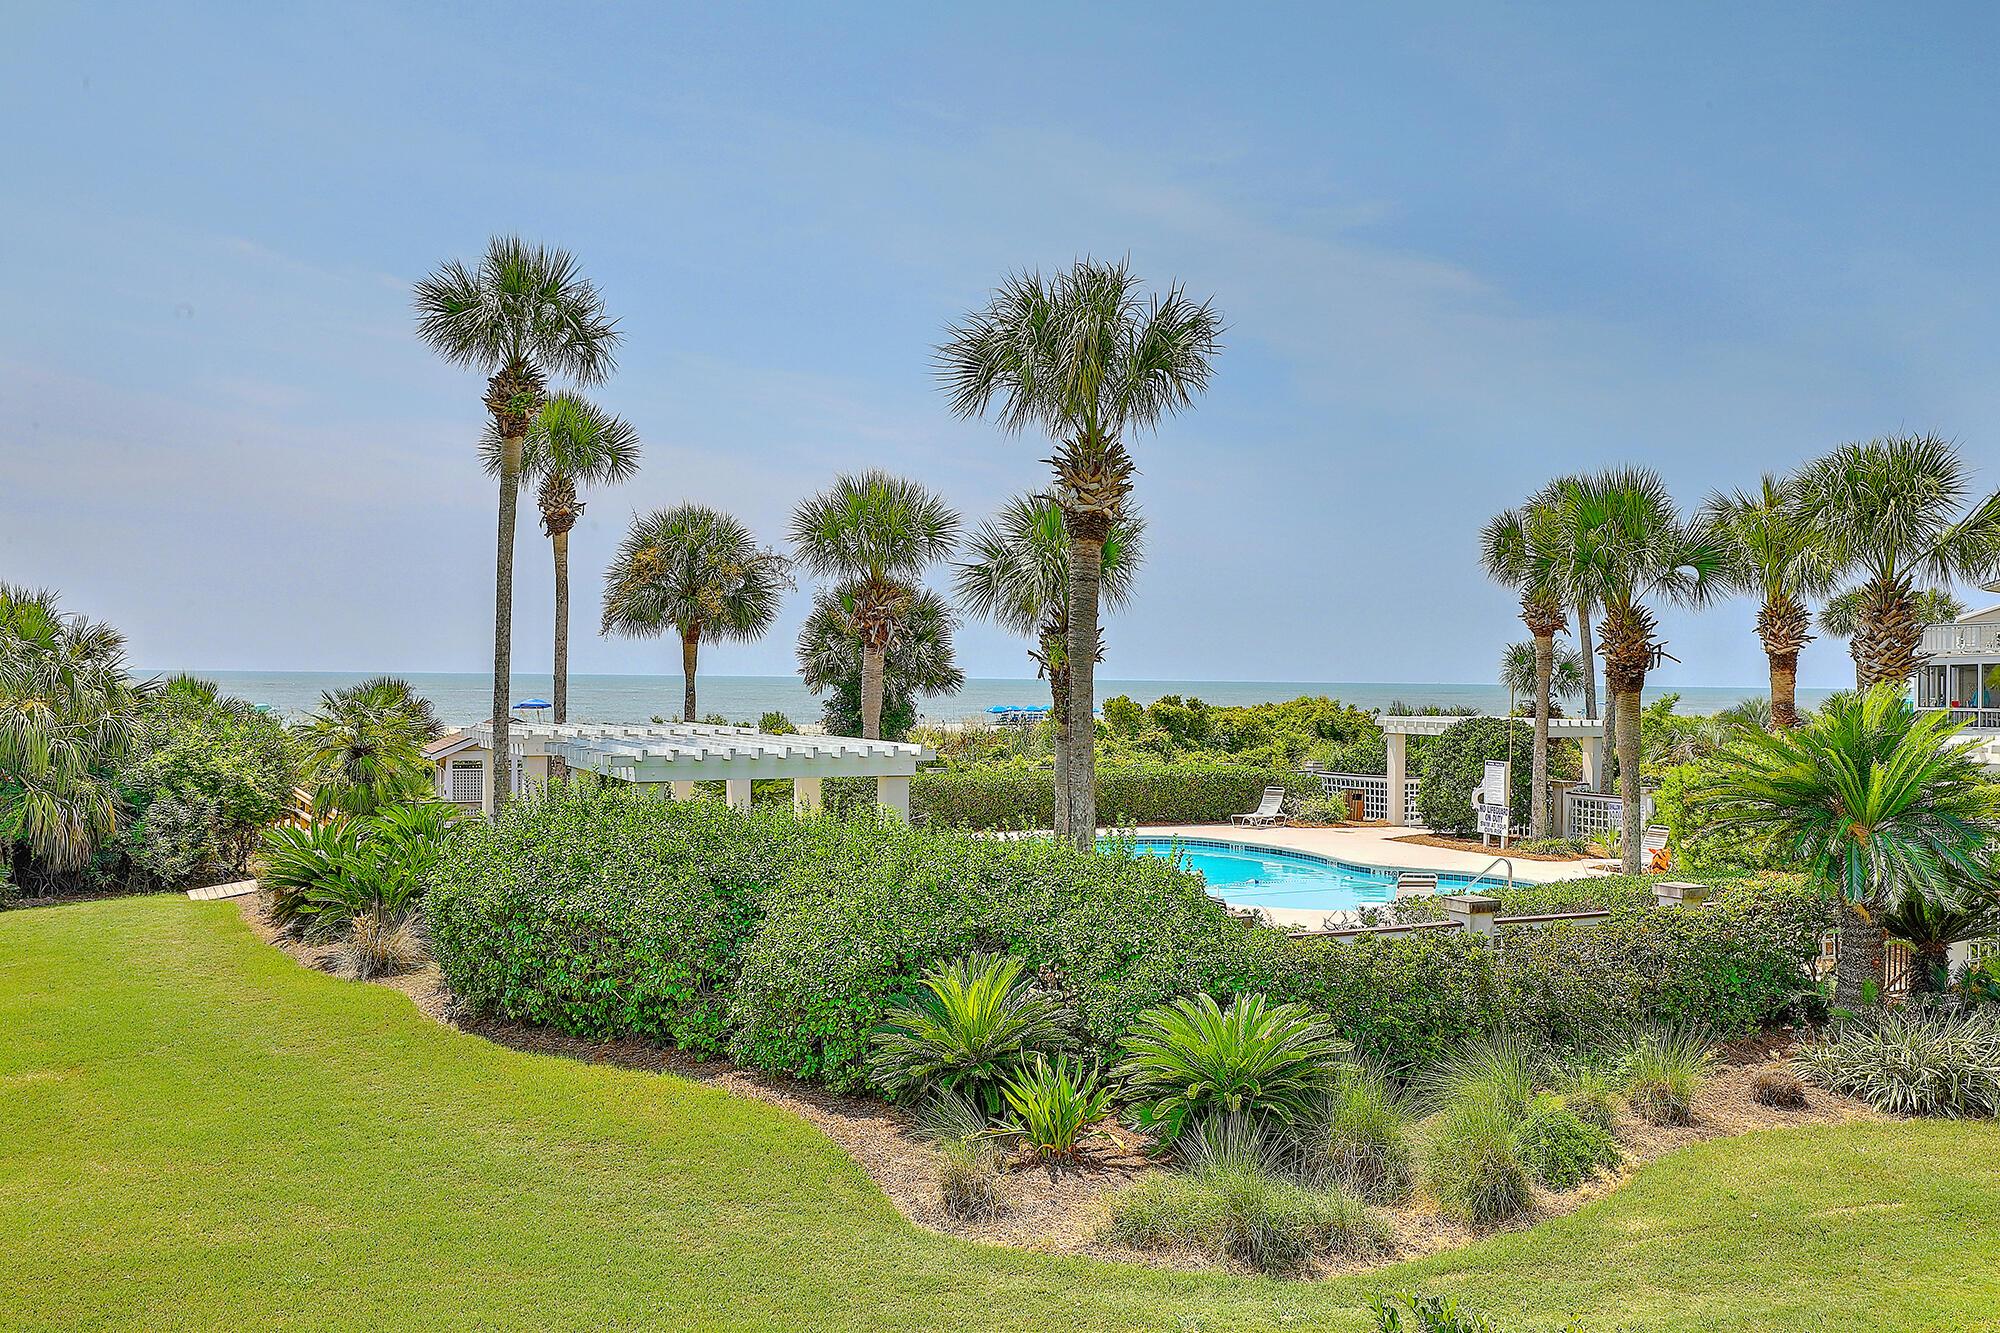 Beach Club Villas Homes For Sale - 15 Beach Club Villas, Isle of Palms, SC - 37